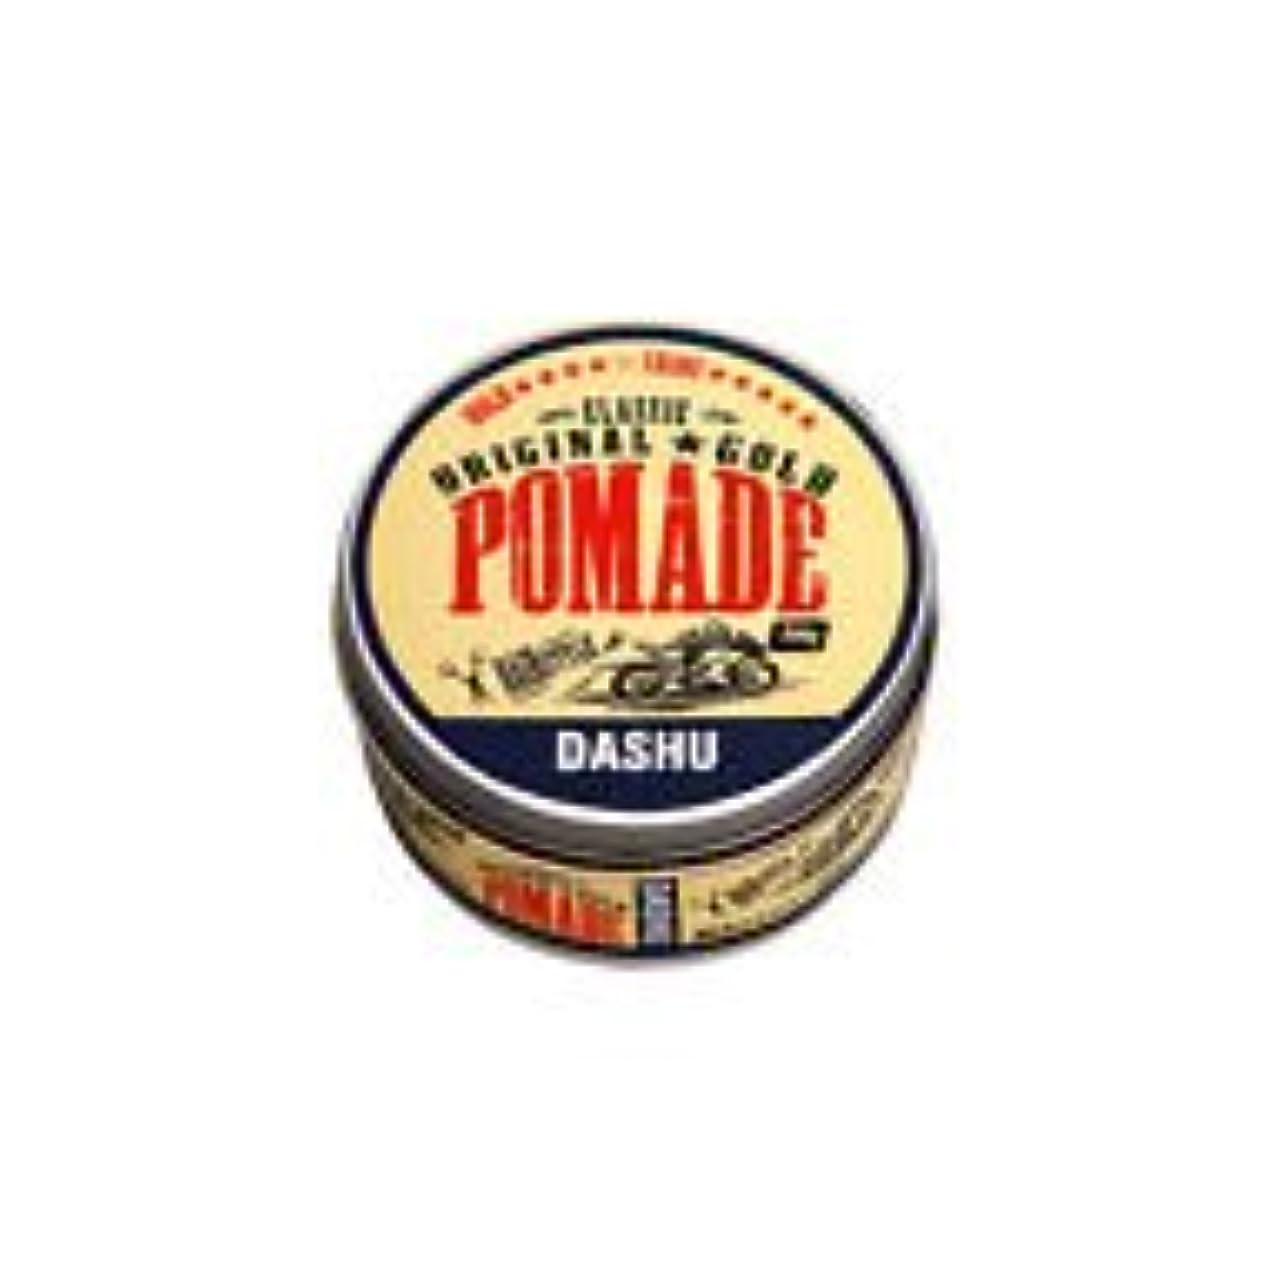 気配りのある反応する調整[DASHU] ダシュ クラシックオリジナルゴールドポマードヘアワックス Classic Original Gold Pomade Hair Wax 100ml / 韓国製 . 韓国直送品